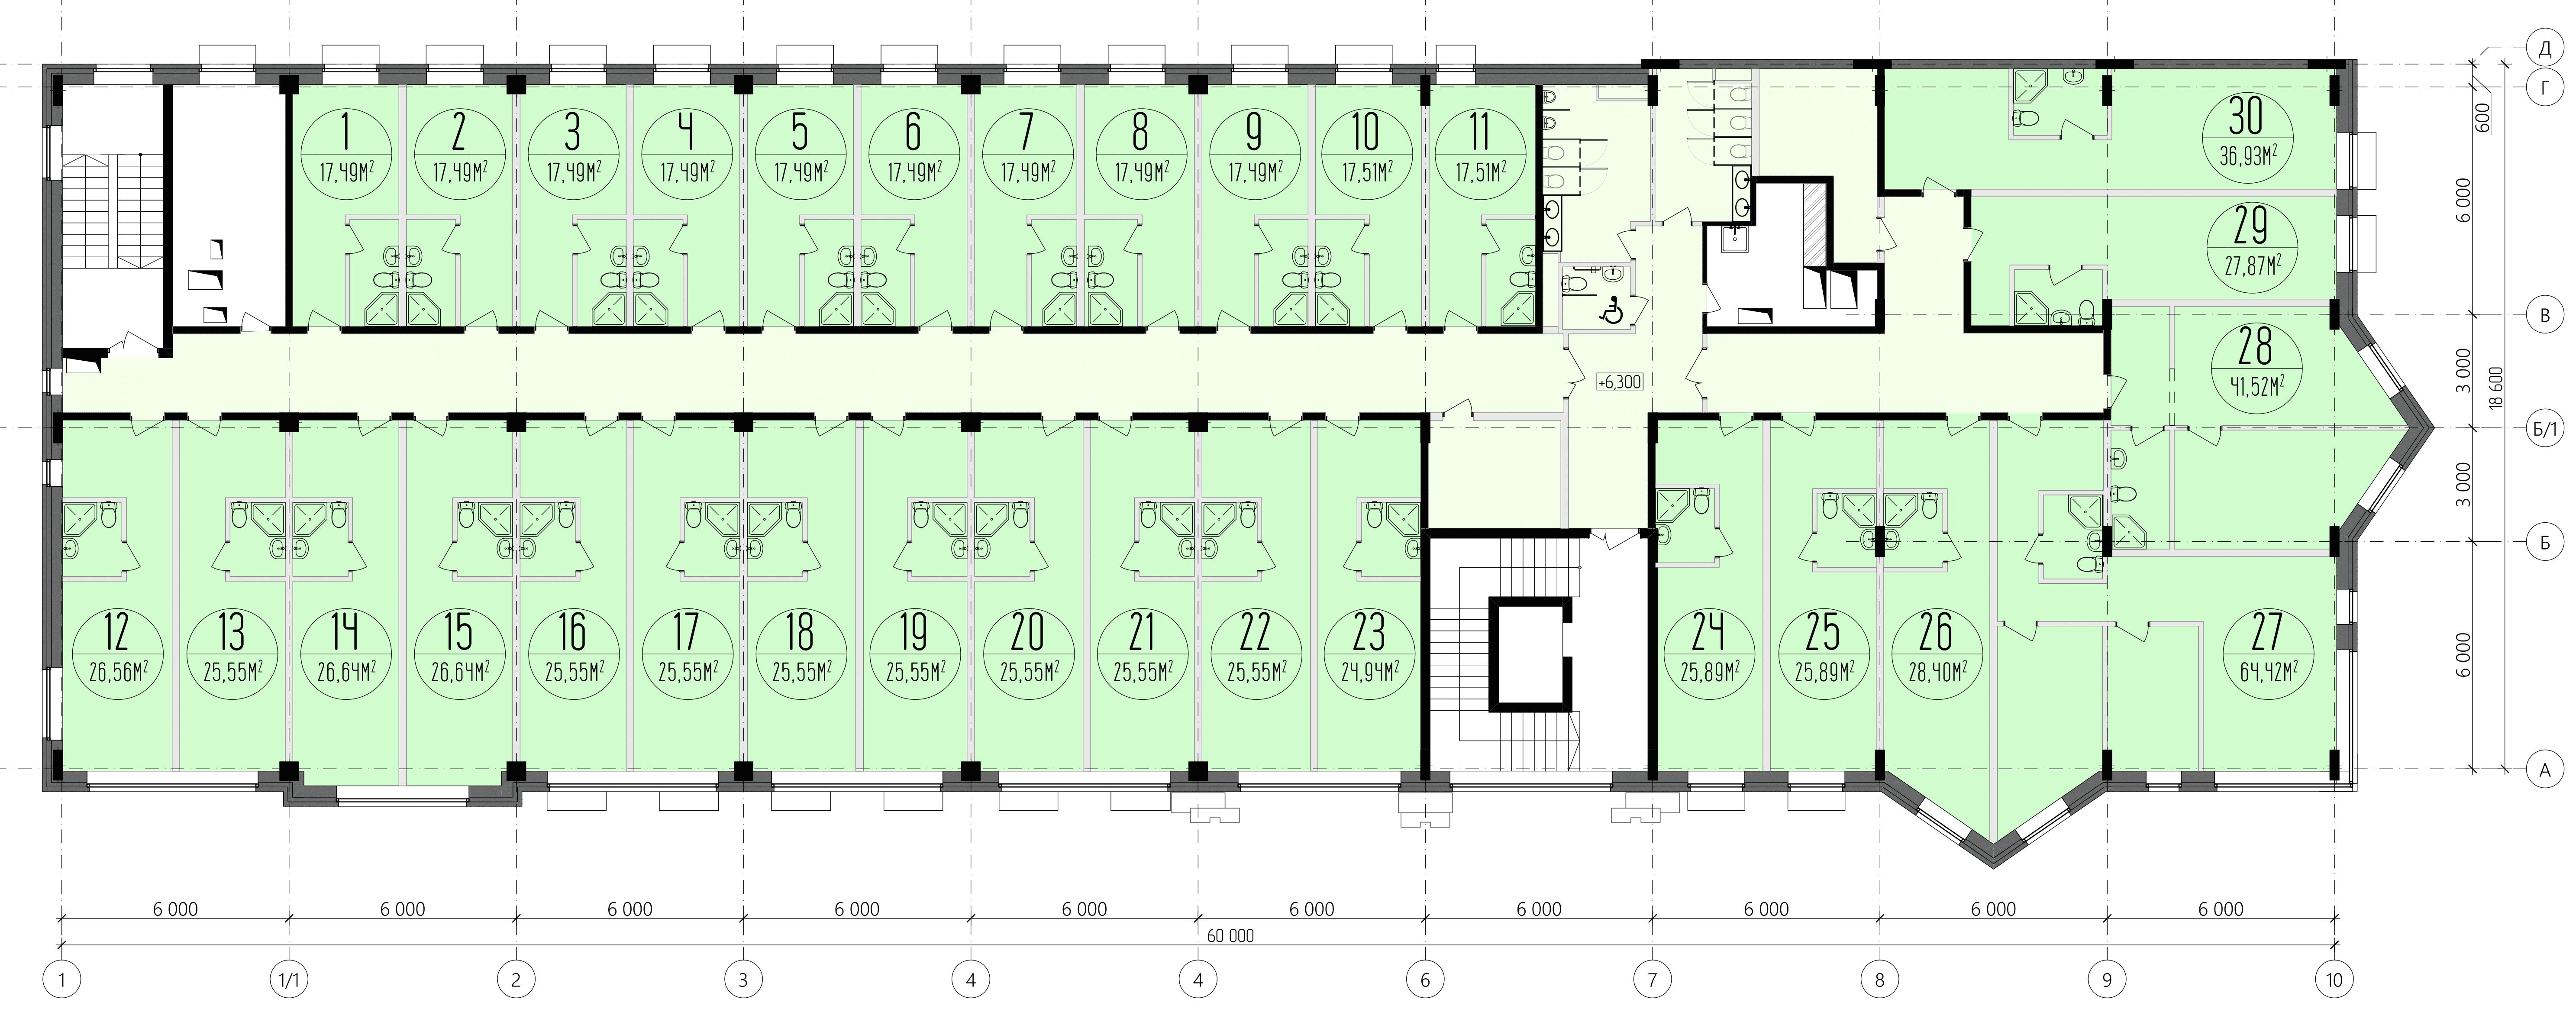 ДЛЯ УВЕЛИЧЕНИЯ НАЖМИТЕ НА СХЕМУ - Купить и арендовать коммерческие помещения и аренда недвижимости для бизнеса в Твери